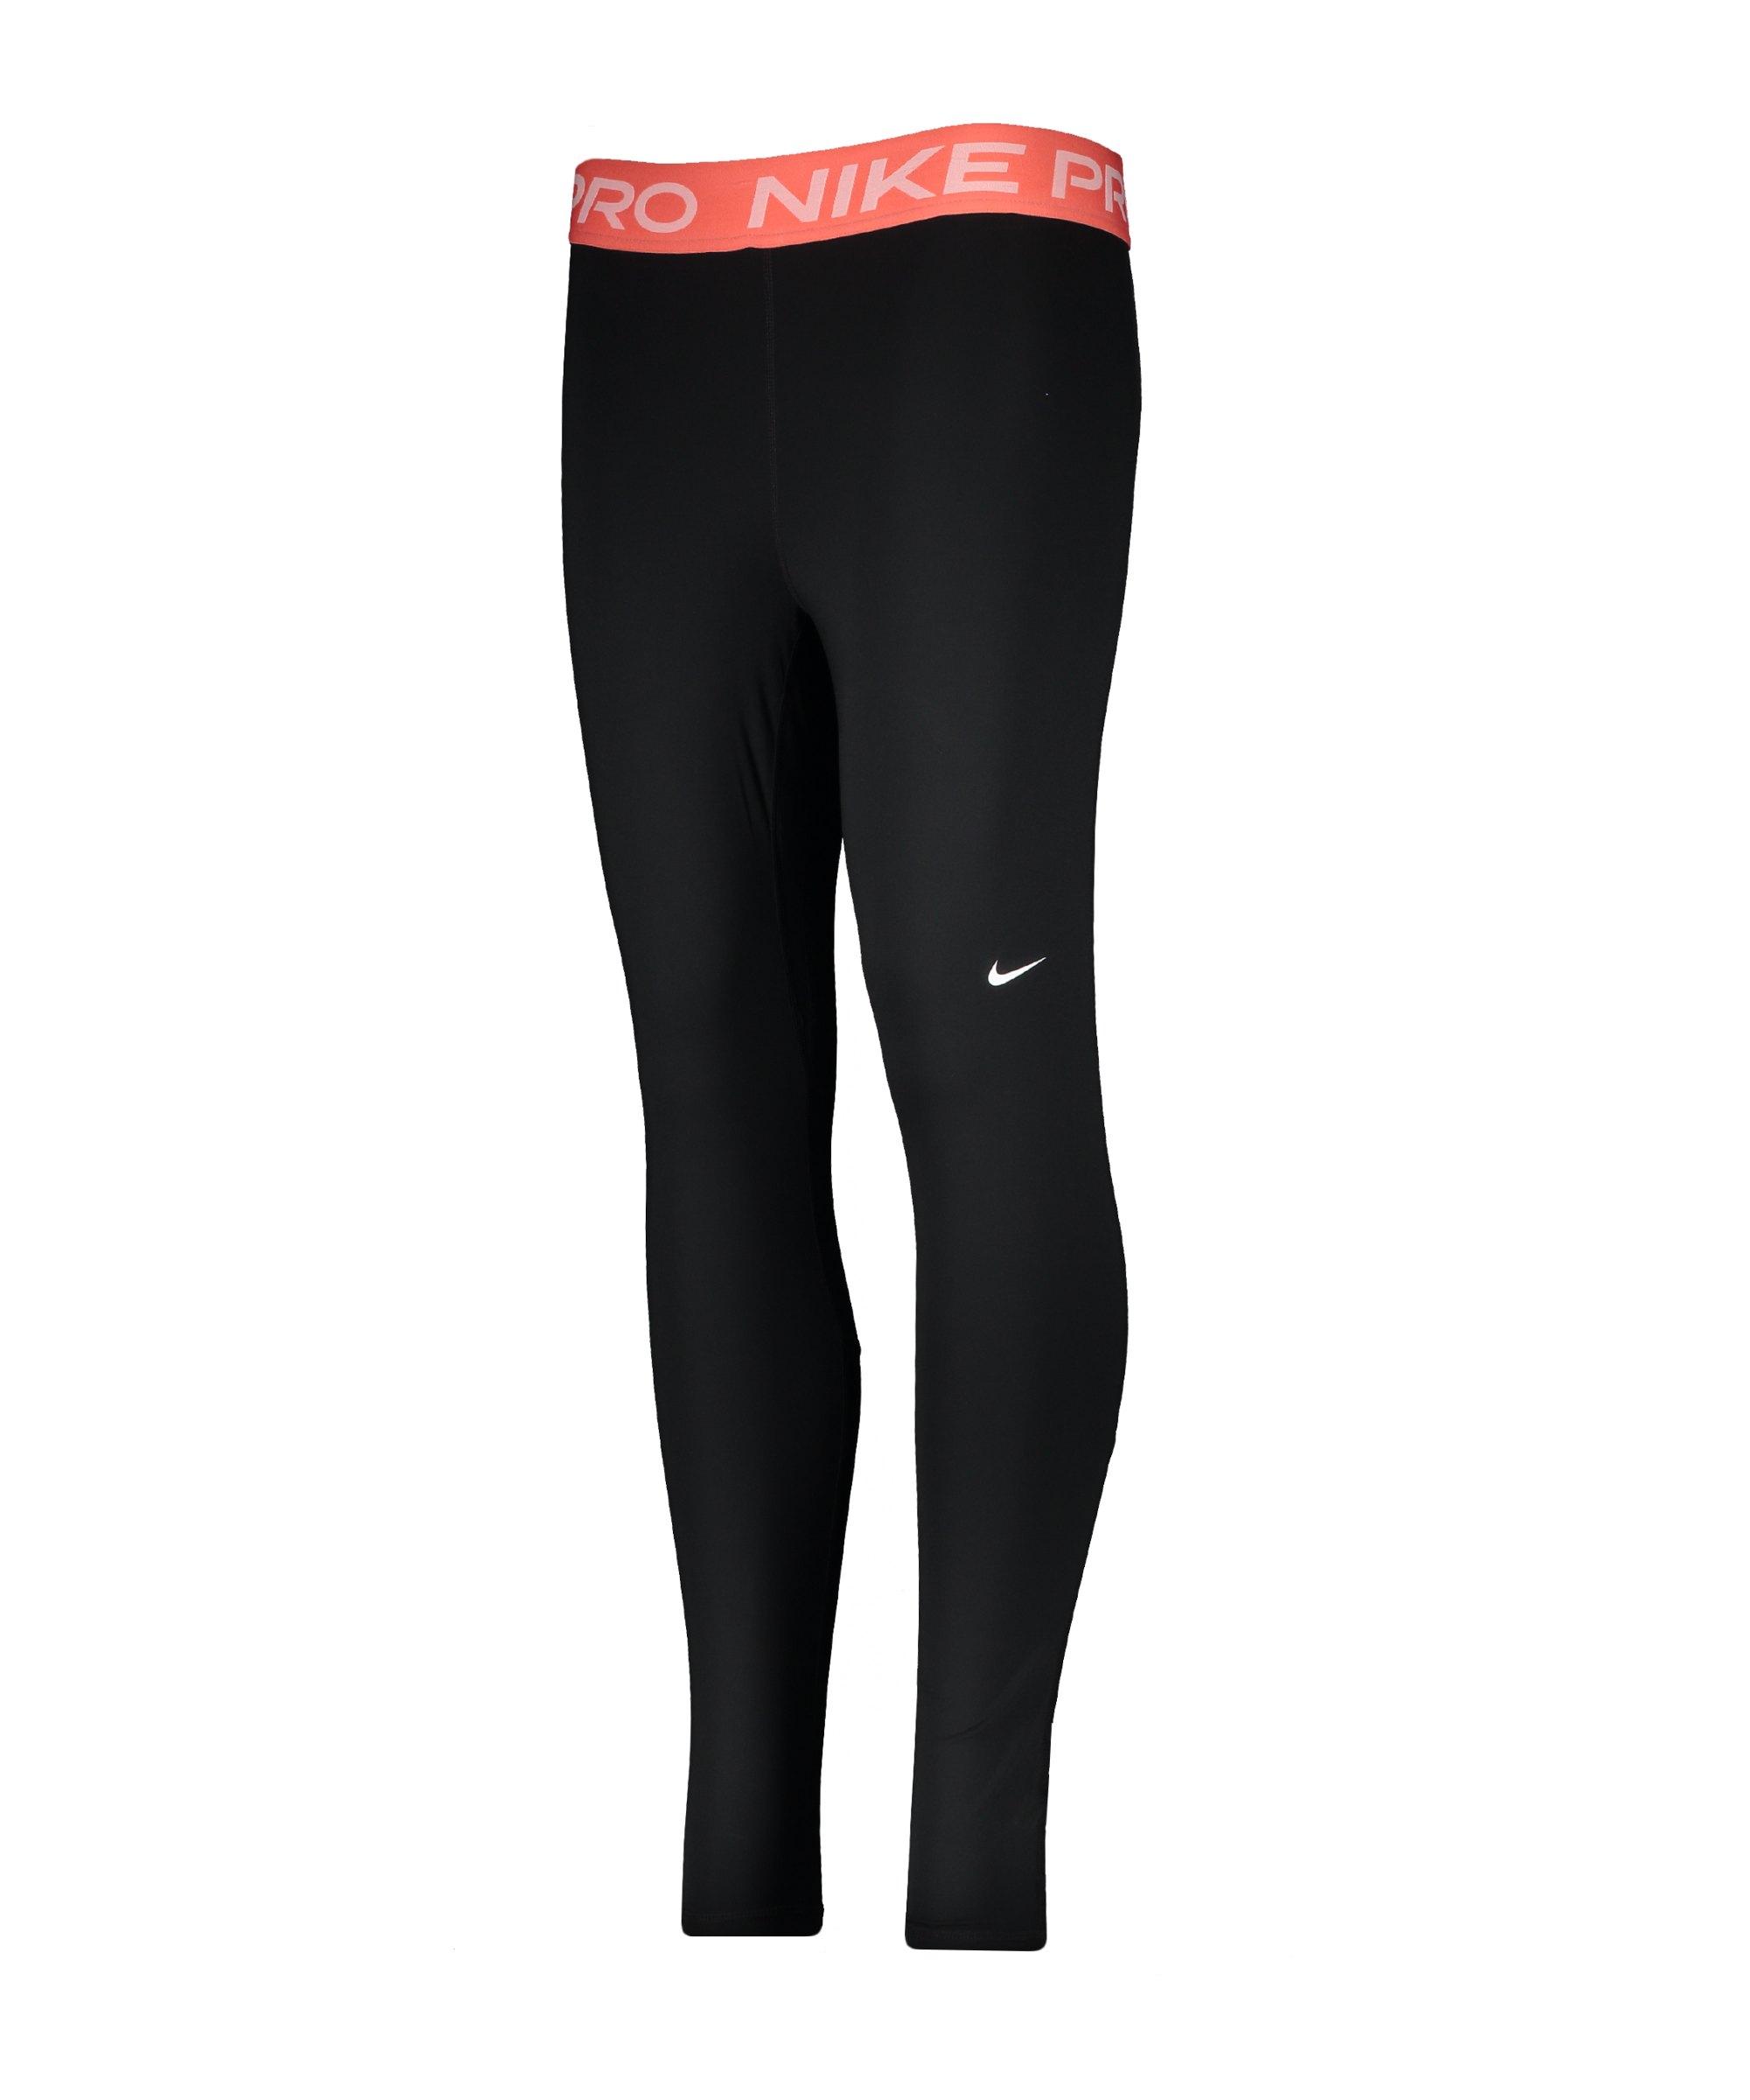 Nike 365 Leggings Training Damen Schwarz F015 - schwarz